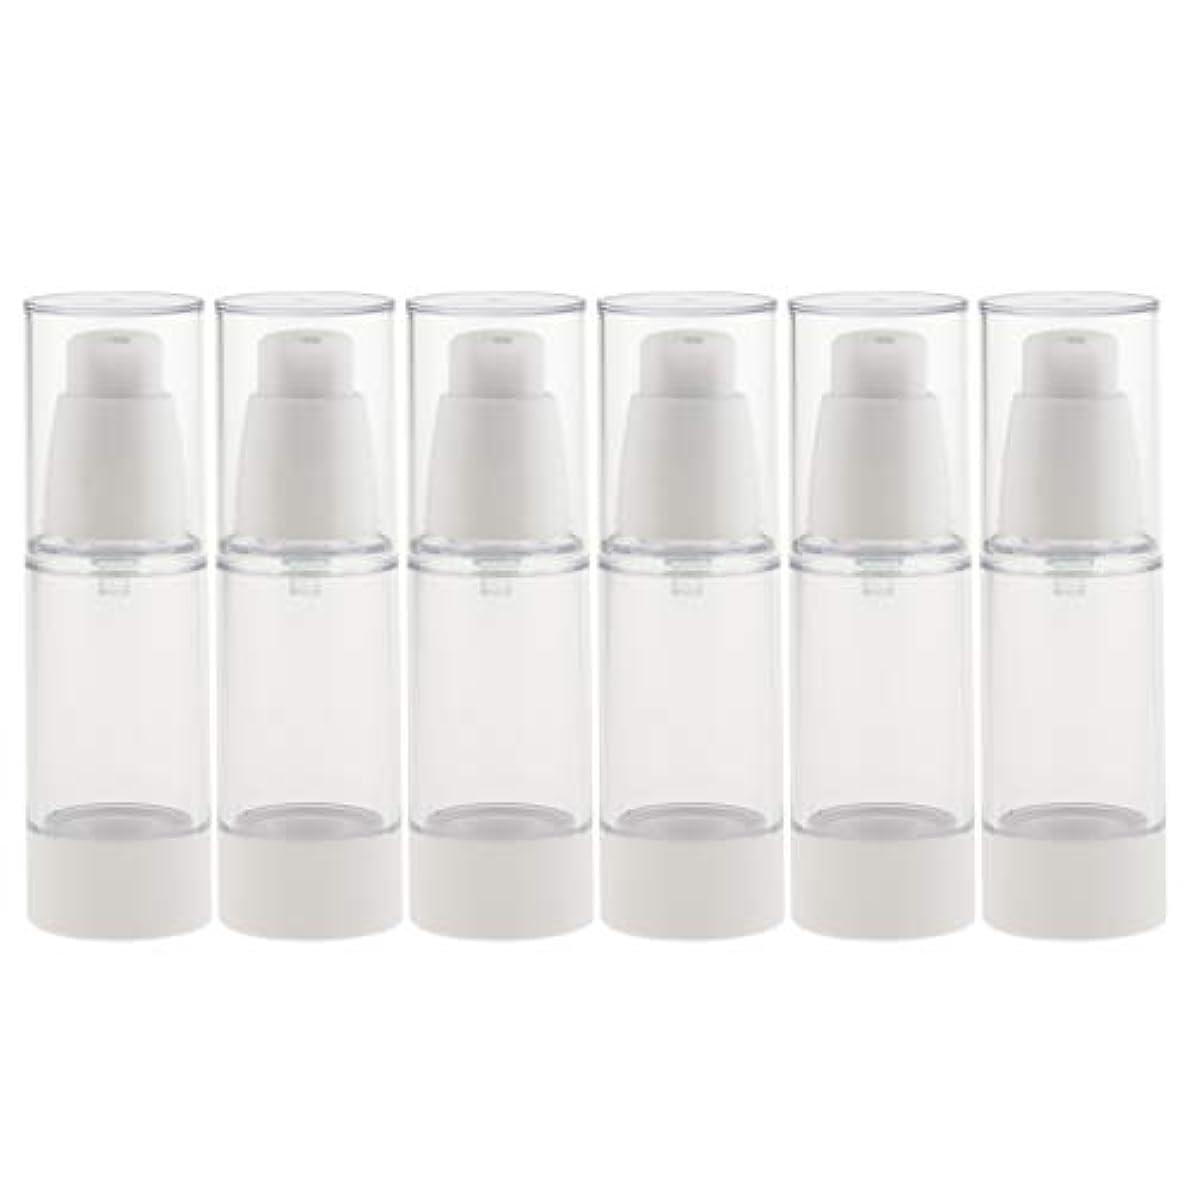 なる燃やす出身地6個 真空スプレーボトル ミストボトル 真空ボトル コスメ 詰替え容器 旅行小物 便利 2サイズ選べ - 30ミリリットル